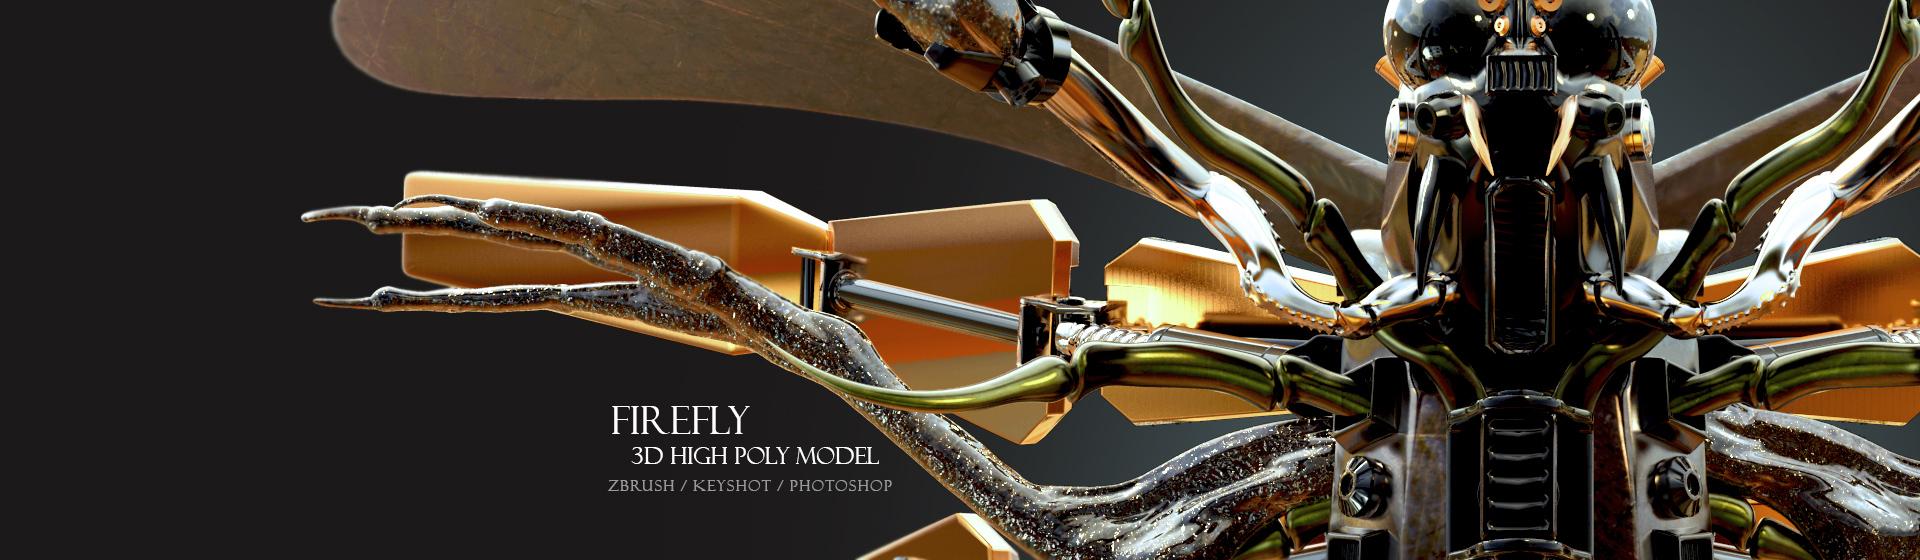 Firefly_slide